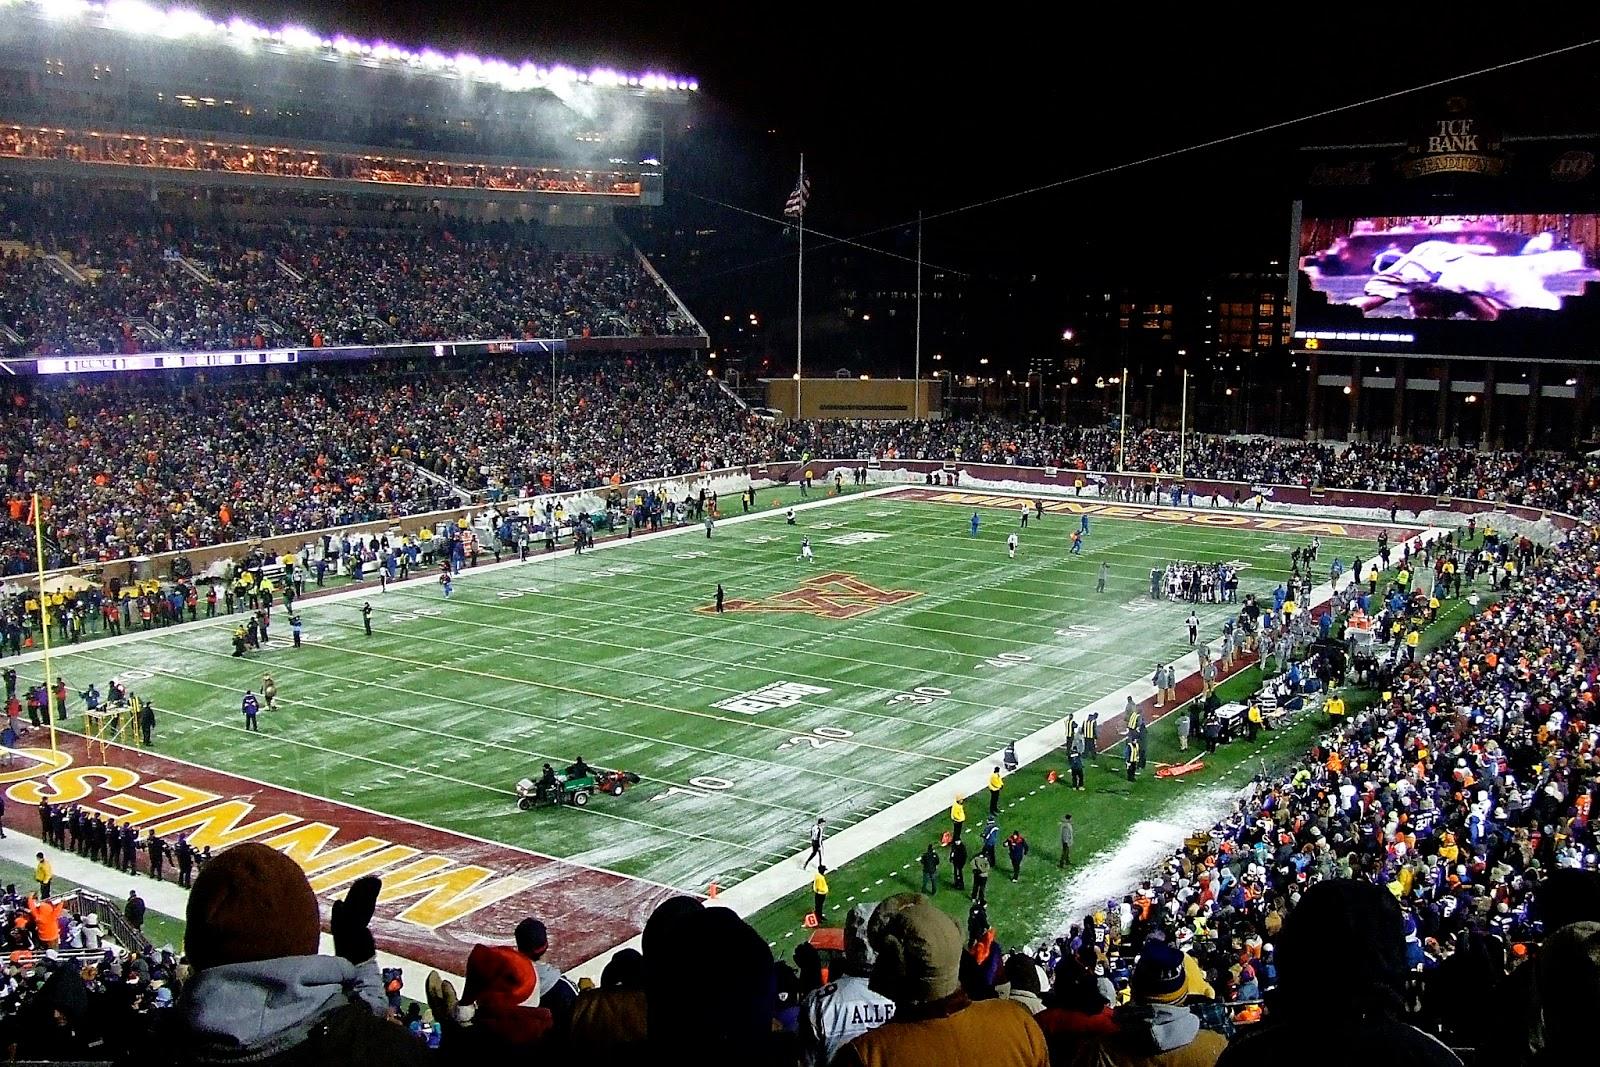 2014 Minnesota Vikings Luxury Suites For Sale, TCF Bank Stadium